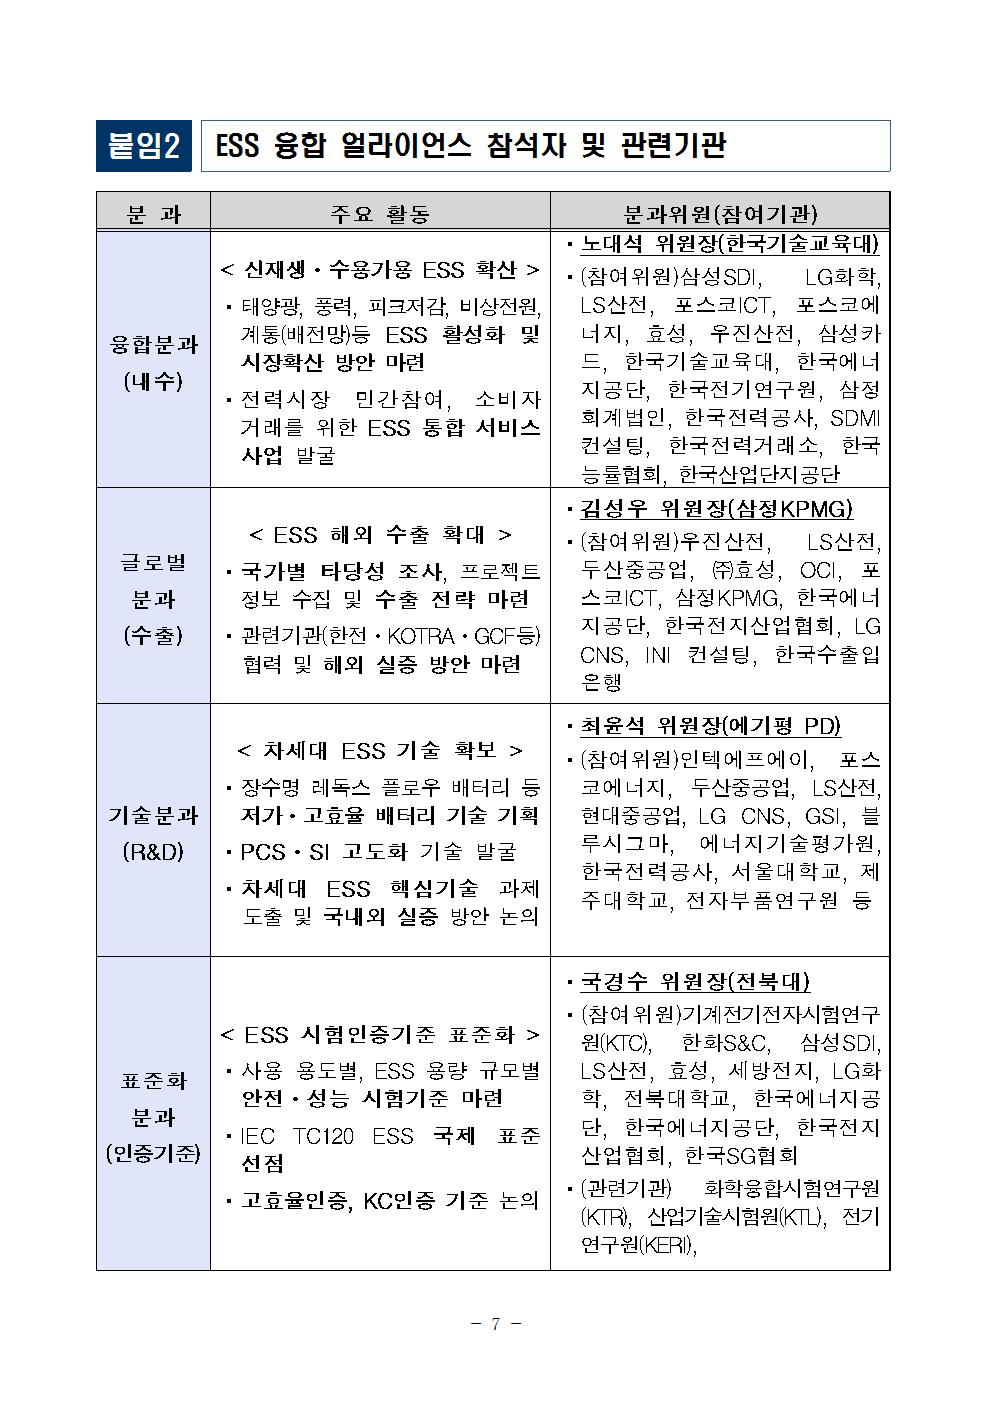 160829_(30일조간) 에너지신산업진흥과, ESS 융합얼라이언스 발족.hwp007.jpg